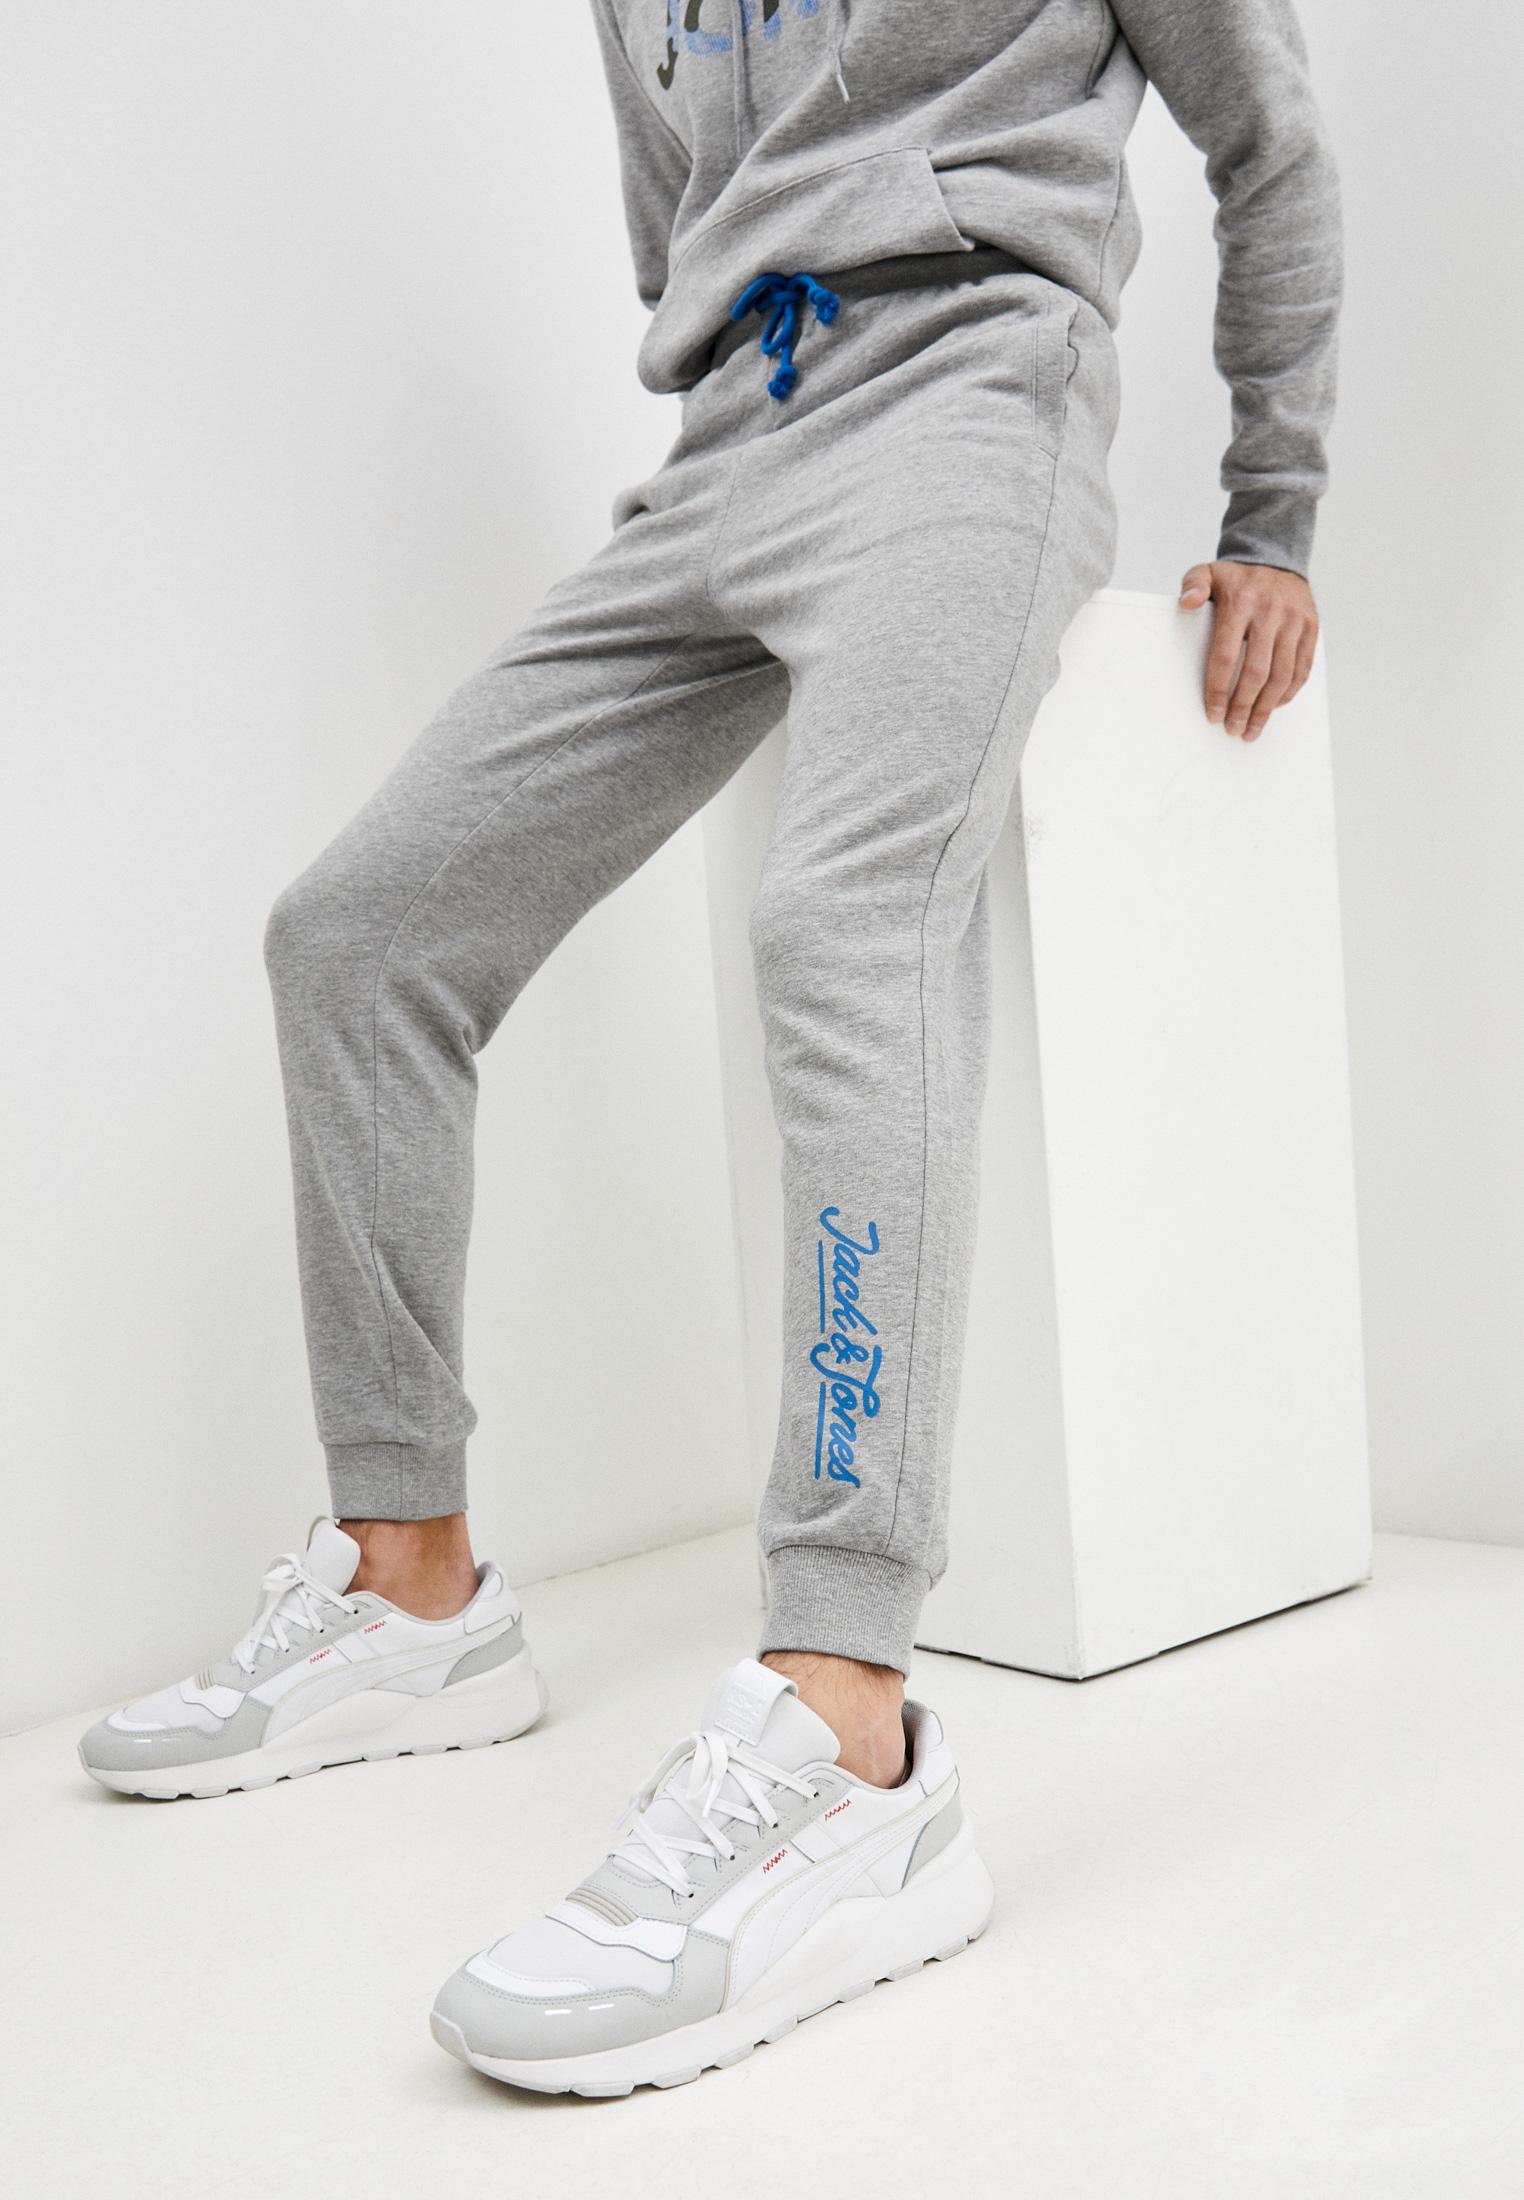 Мужские спортивные брюки Jack & Jones (Джек Энд Джонс) Брюки спортивные Jack & Jones